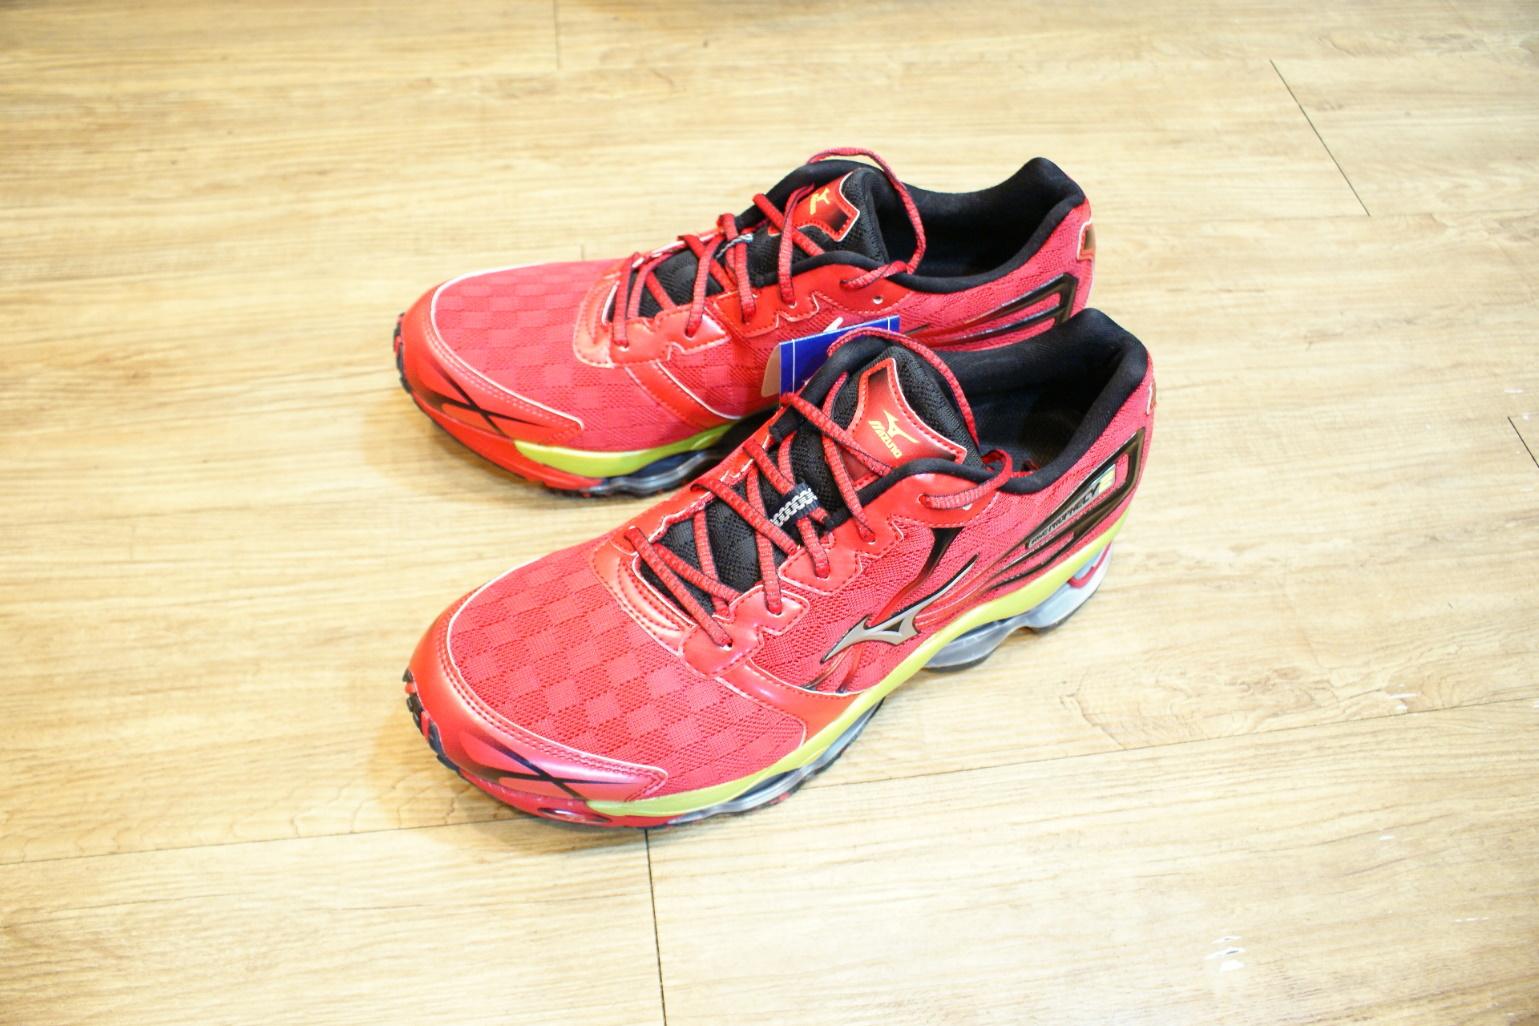 棒球世界 2013年MIZUNO 美津濃 頂級男用慢跑鞋 WAVE Prophecy 2系列 特價